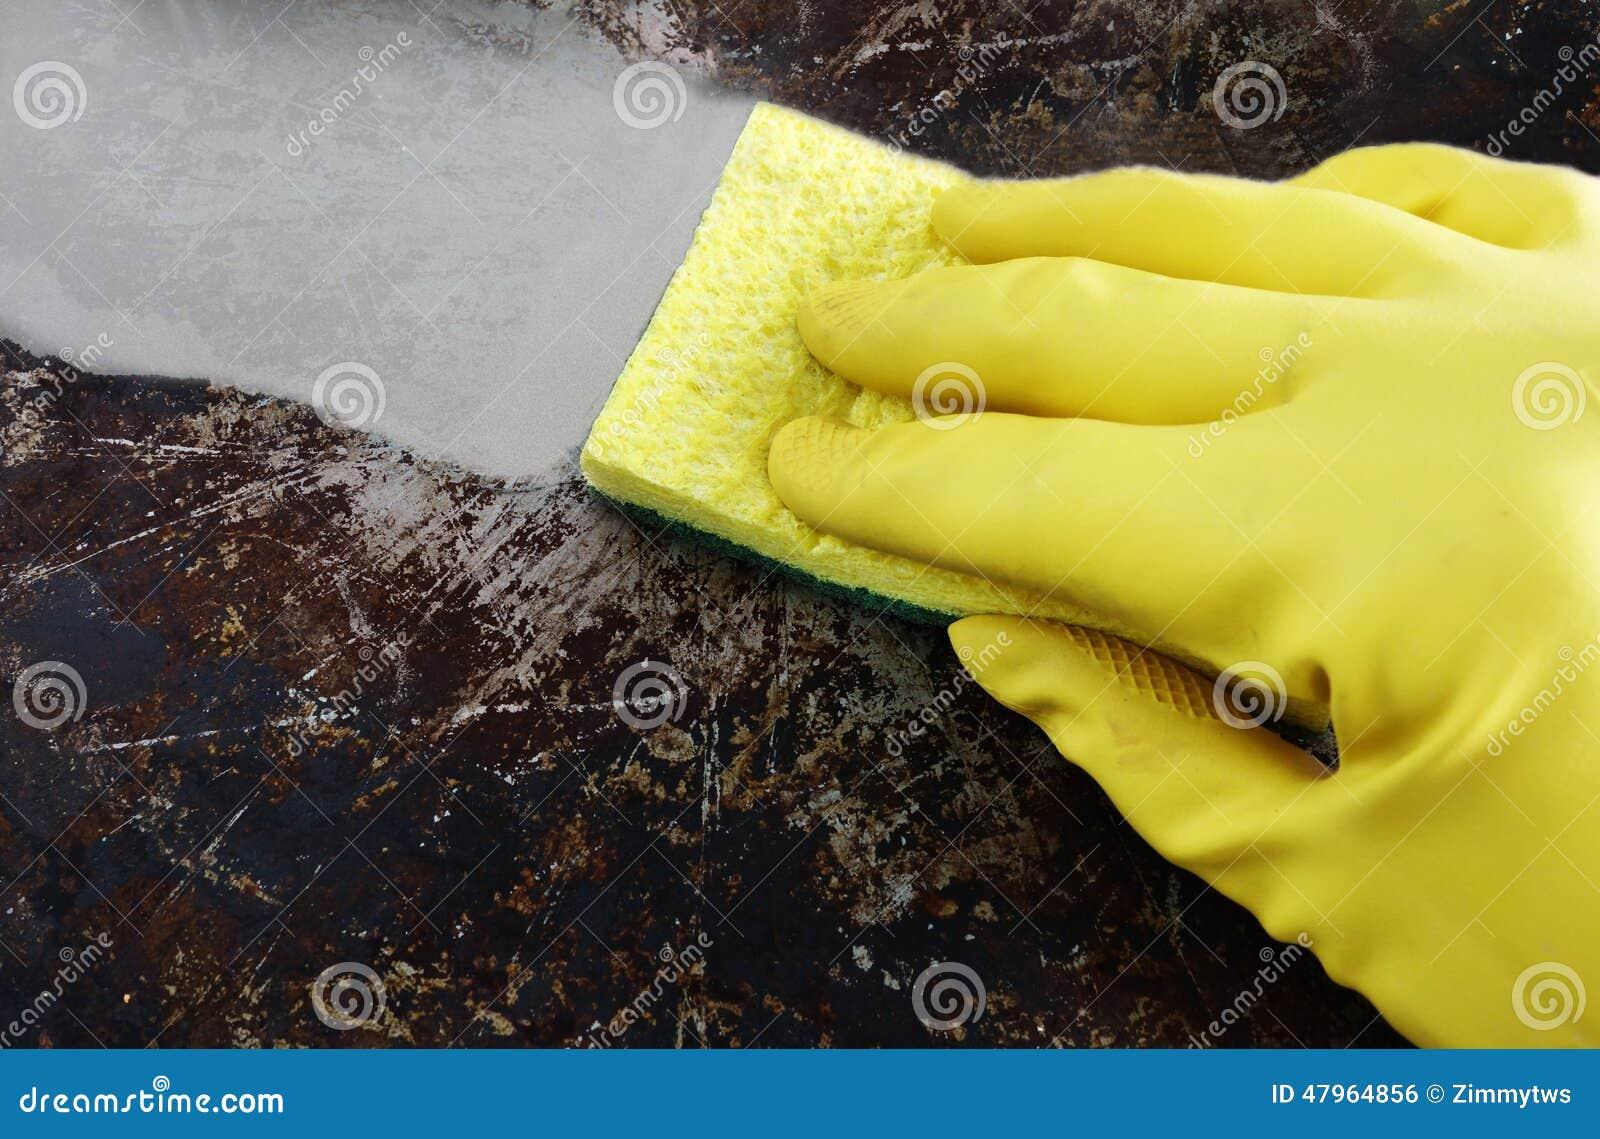 Σκουπίστε καθαρό